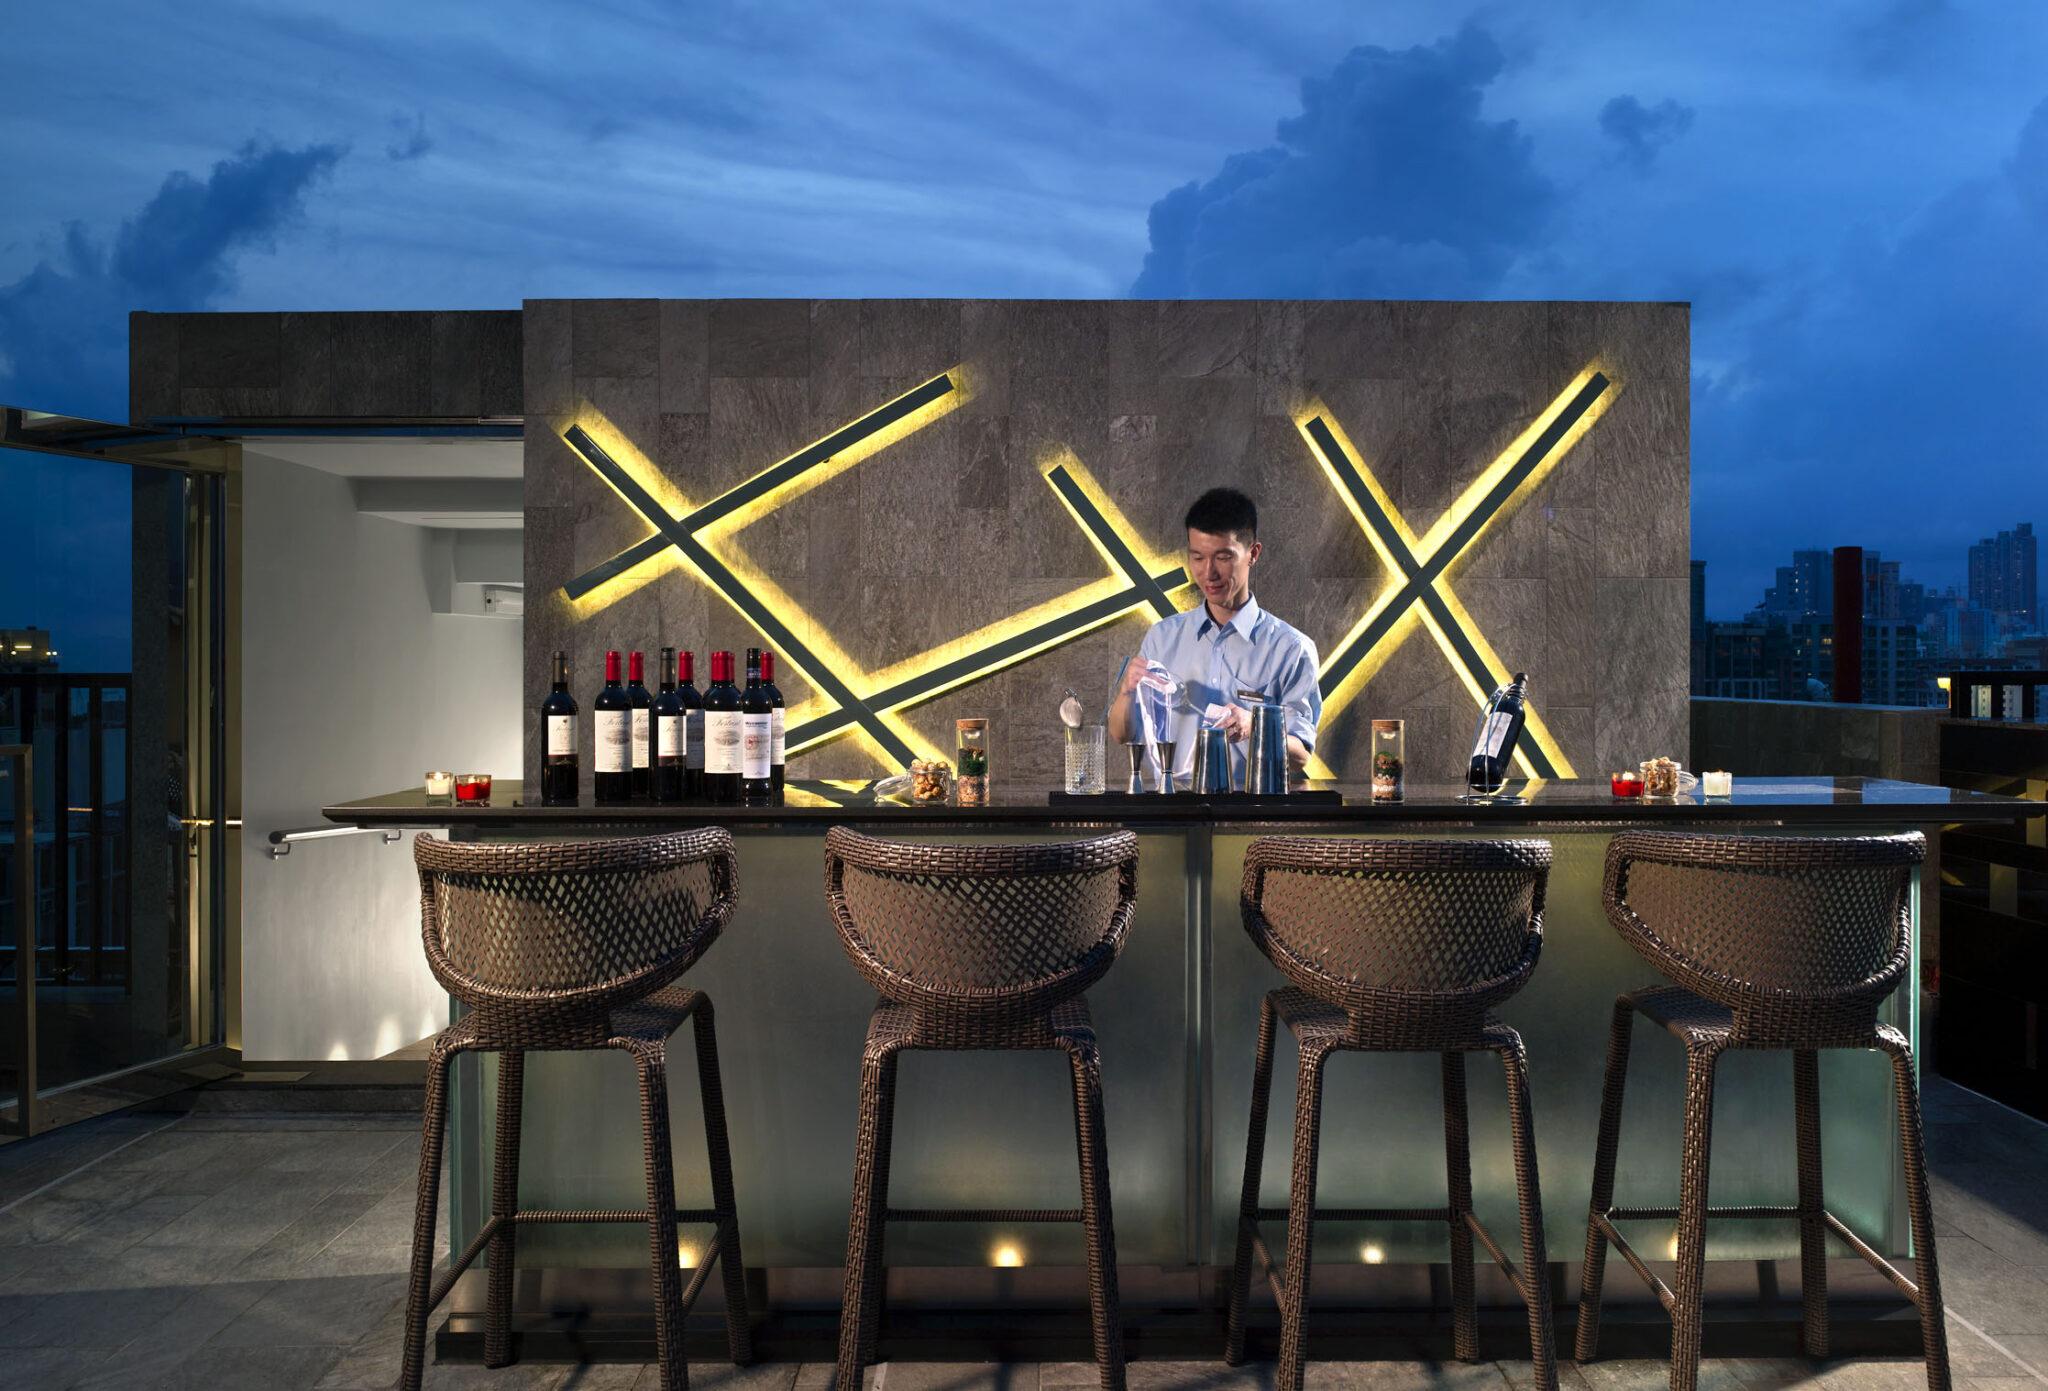 Popwayhotel-bartender